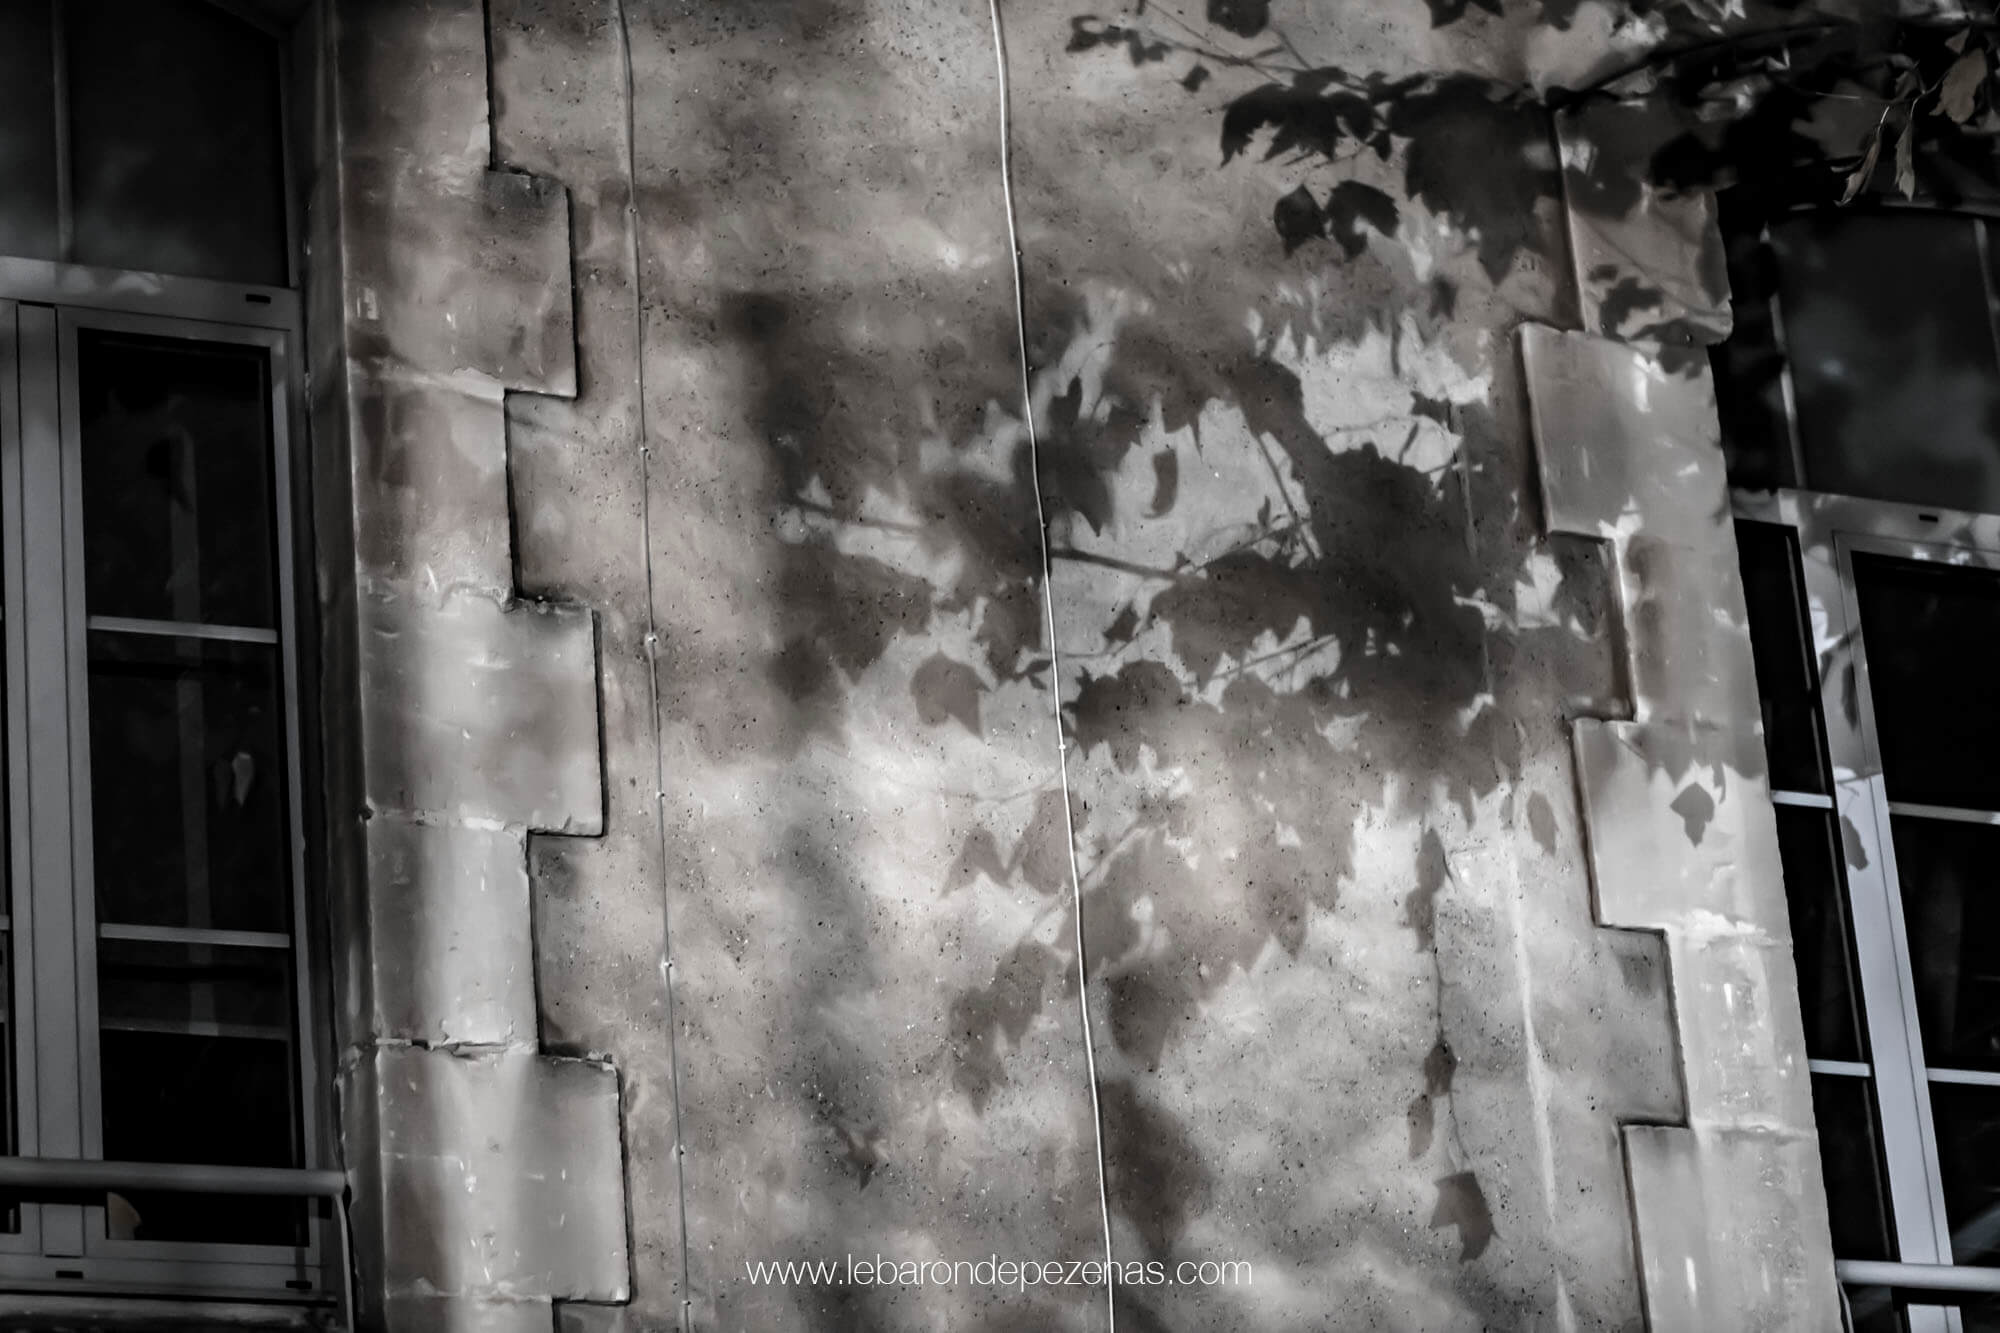 ombre pezenas martror